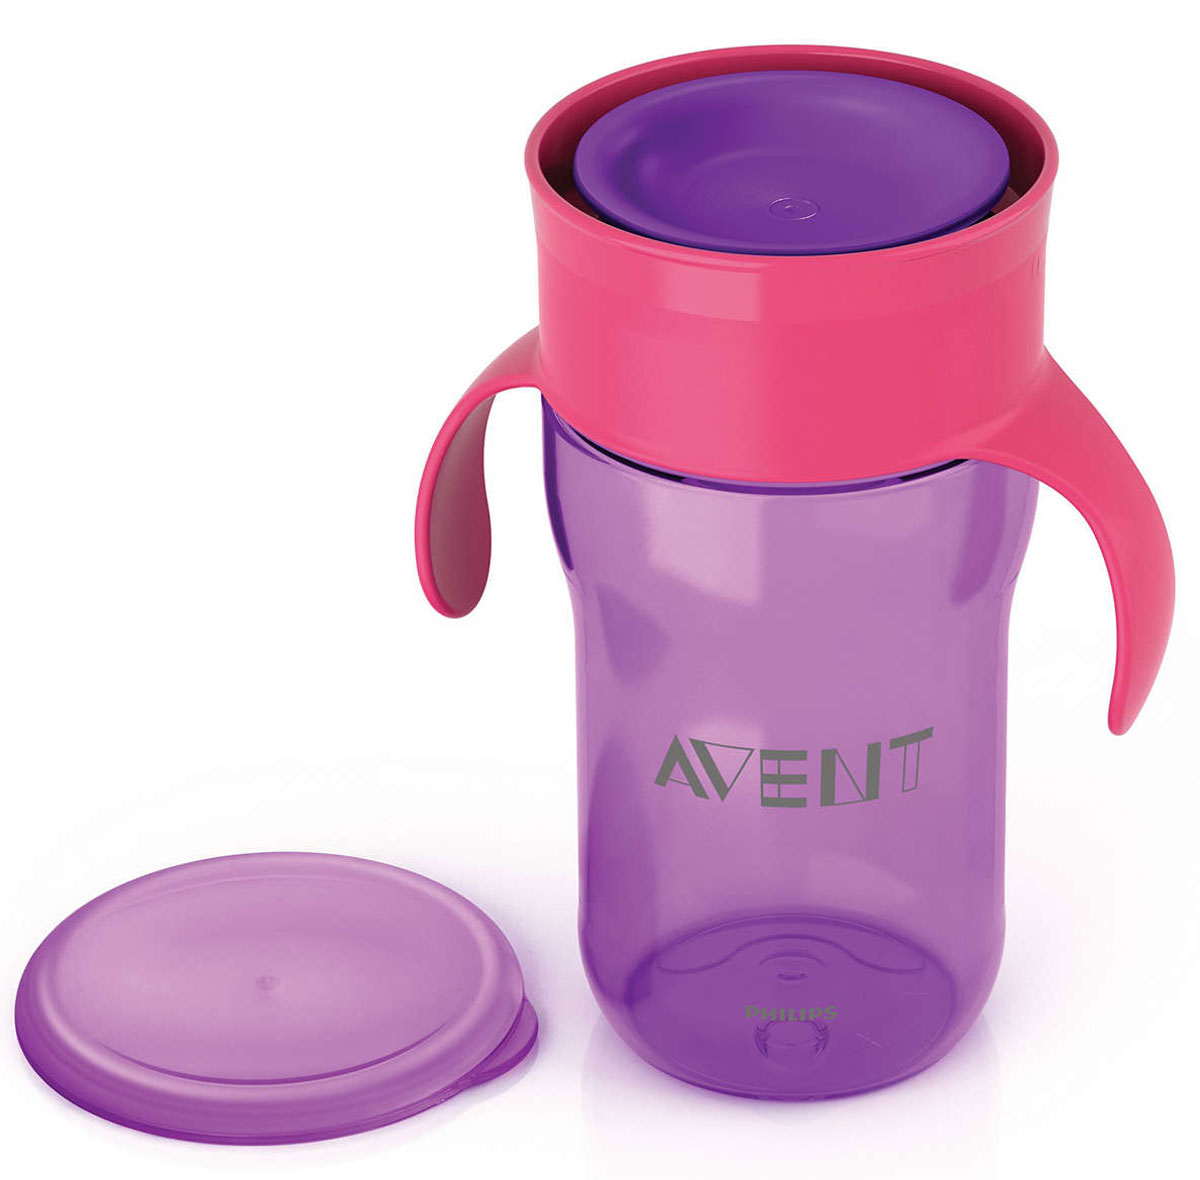 Philips Avent  Взрослая  чашка, 340 мл, 18м+, 1 шт фиолетовый SCF784/00 -  Поильники